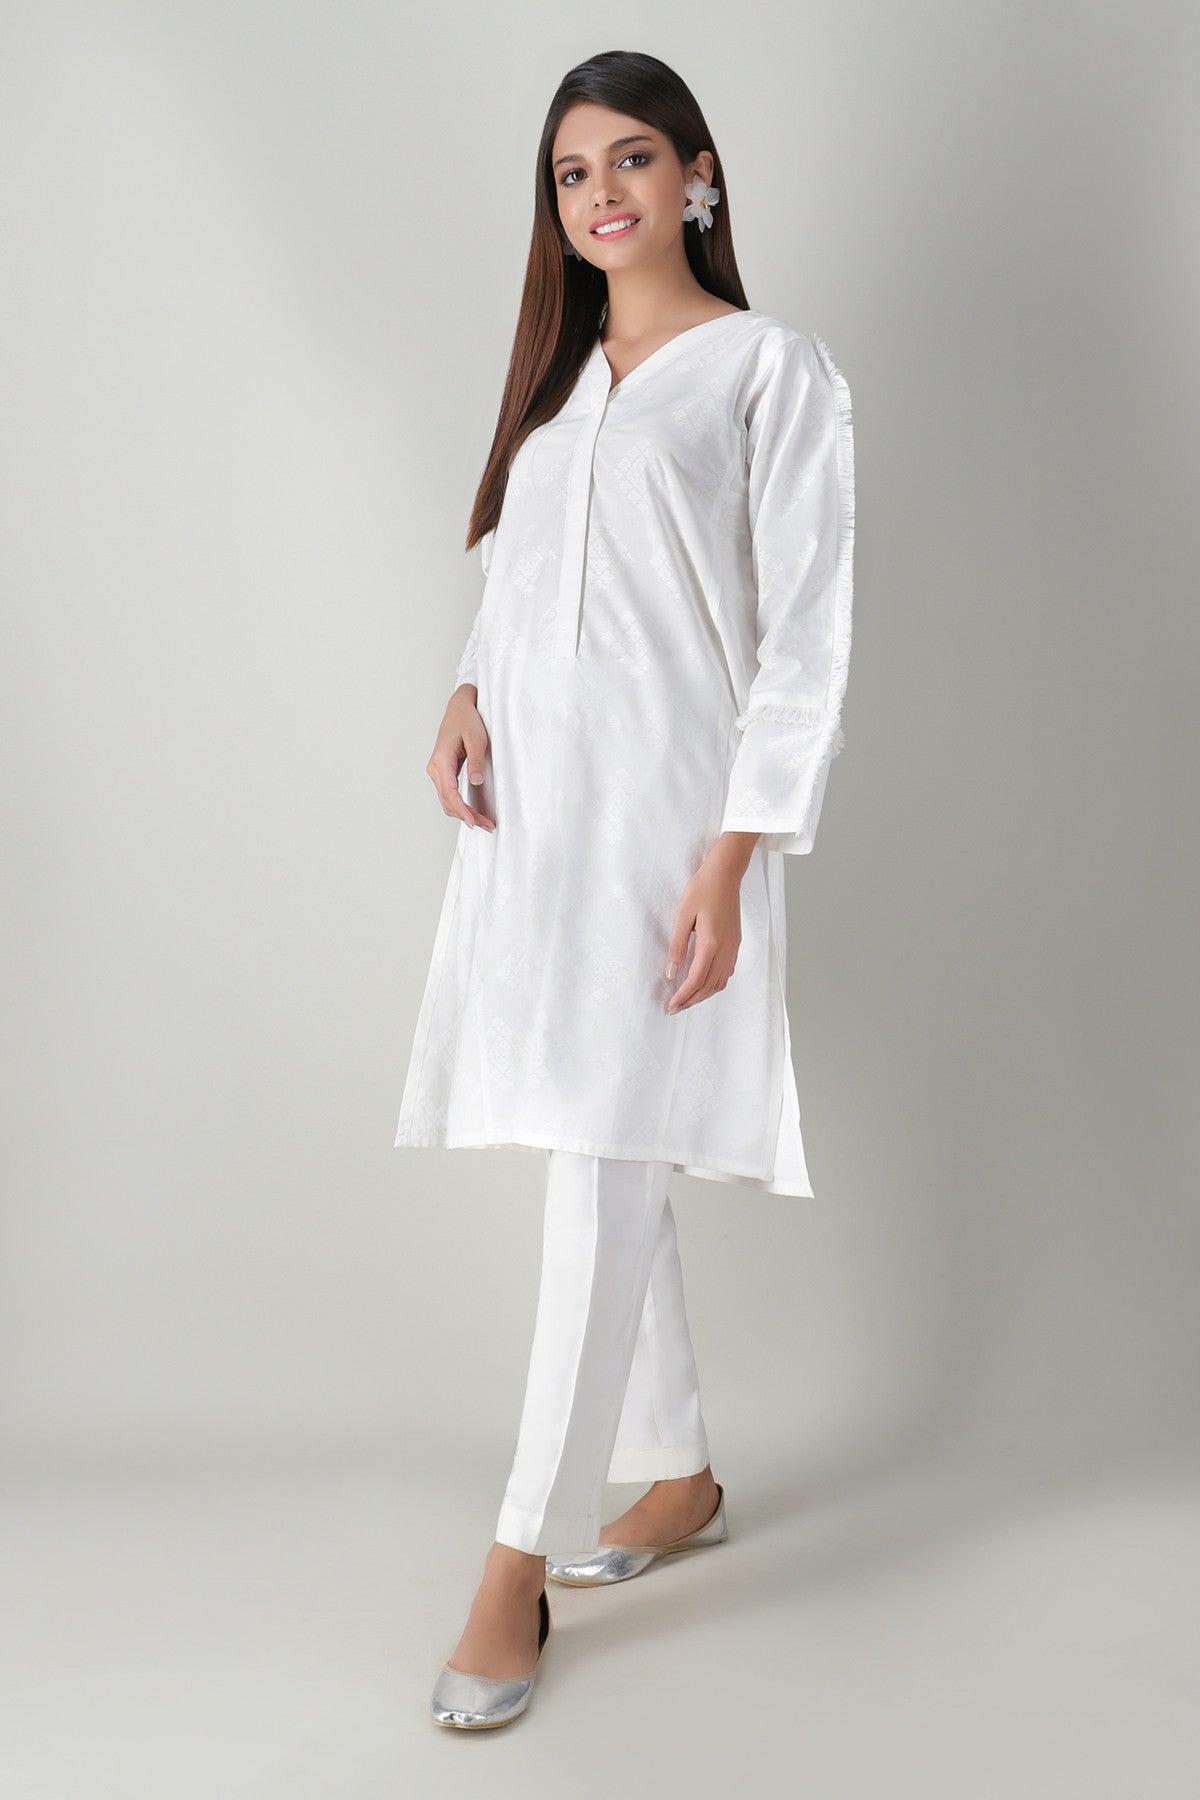 Khaadi ETB20306 WHITE Lawn Pret